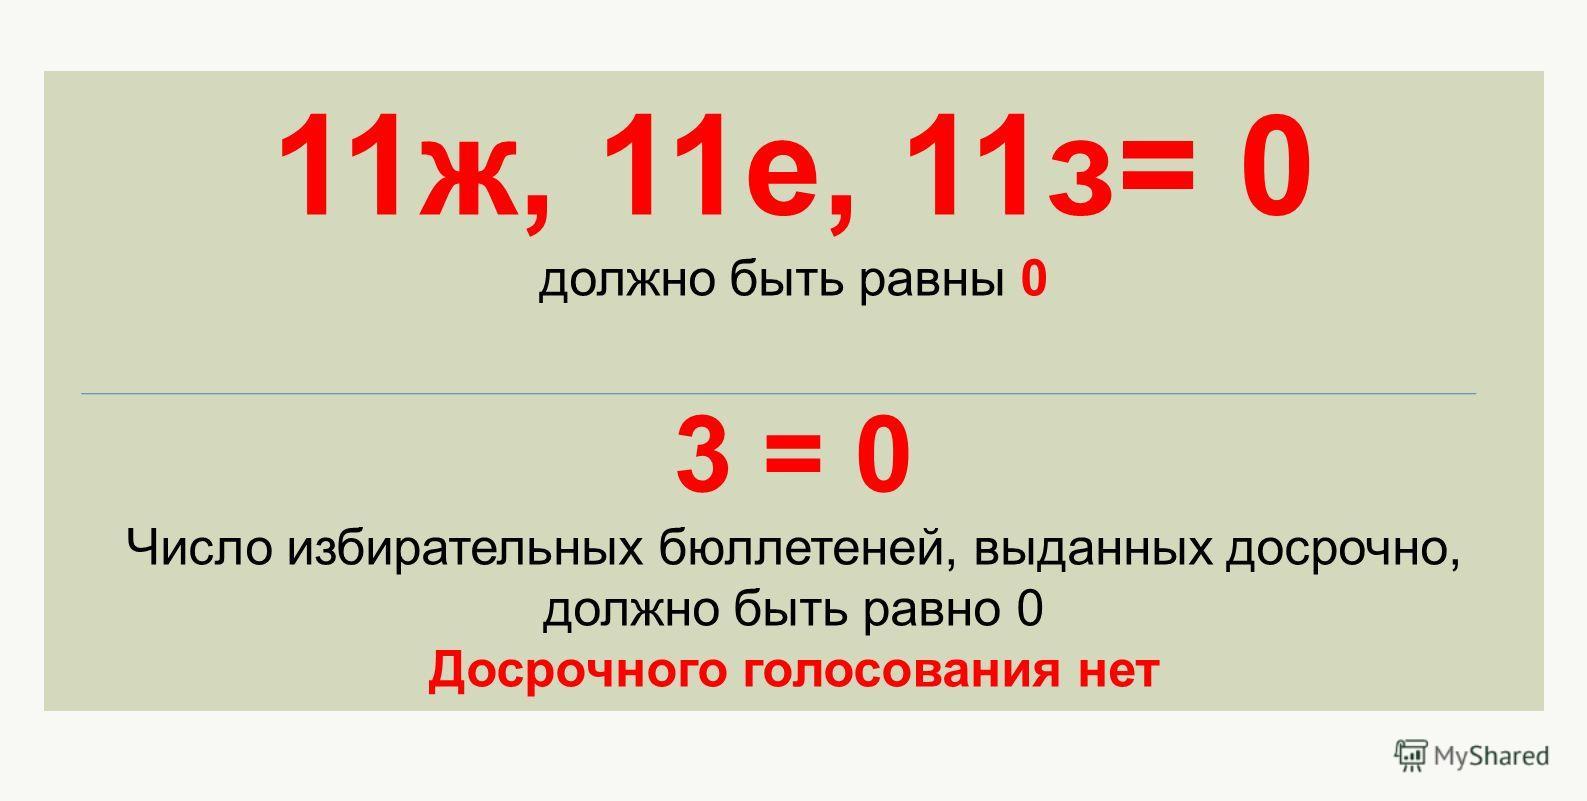 11ж, 11е, 11з= 0 должно быть равны 0 3 = 0 Число избирательных бюллетеней, выданных досрочно, должно быть равно 0 Досрочного голосования нет